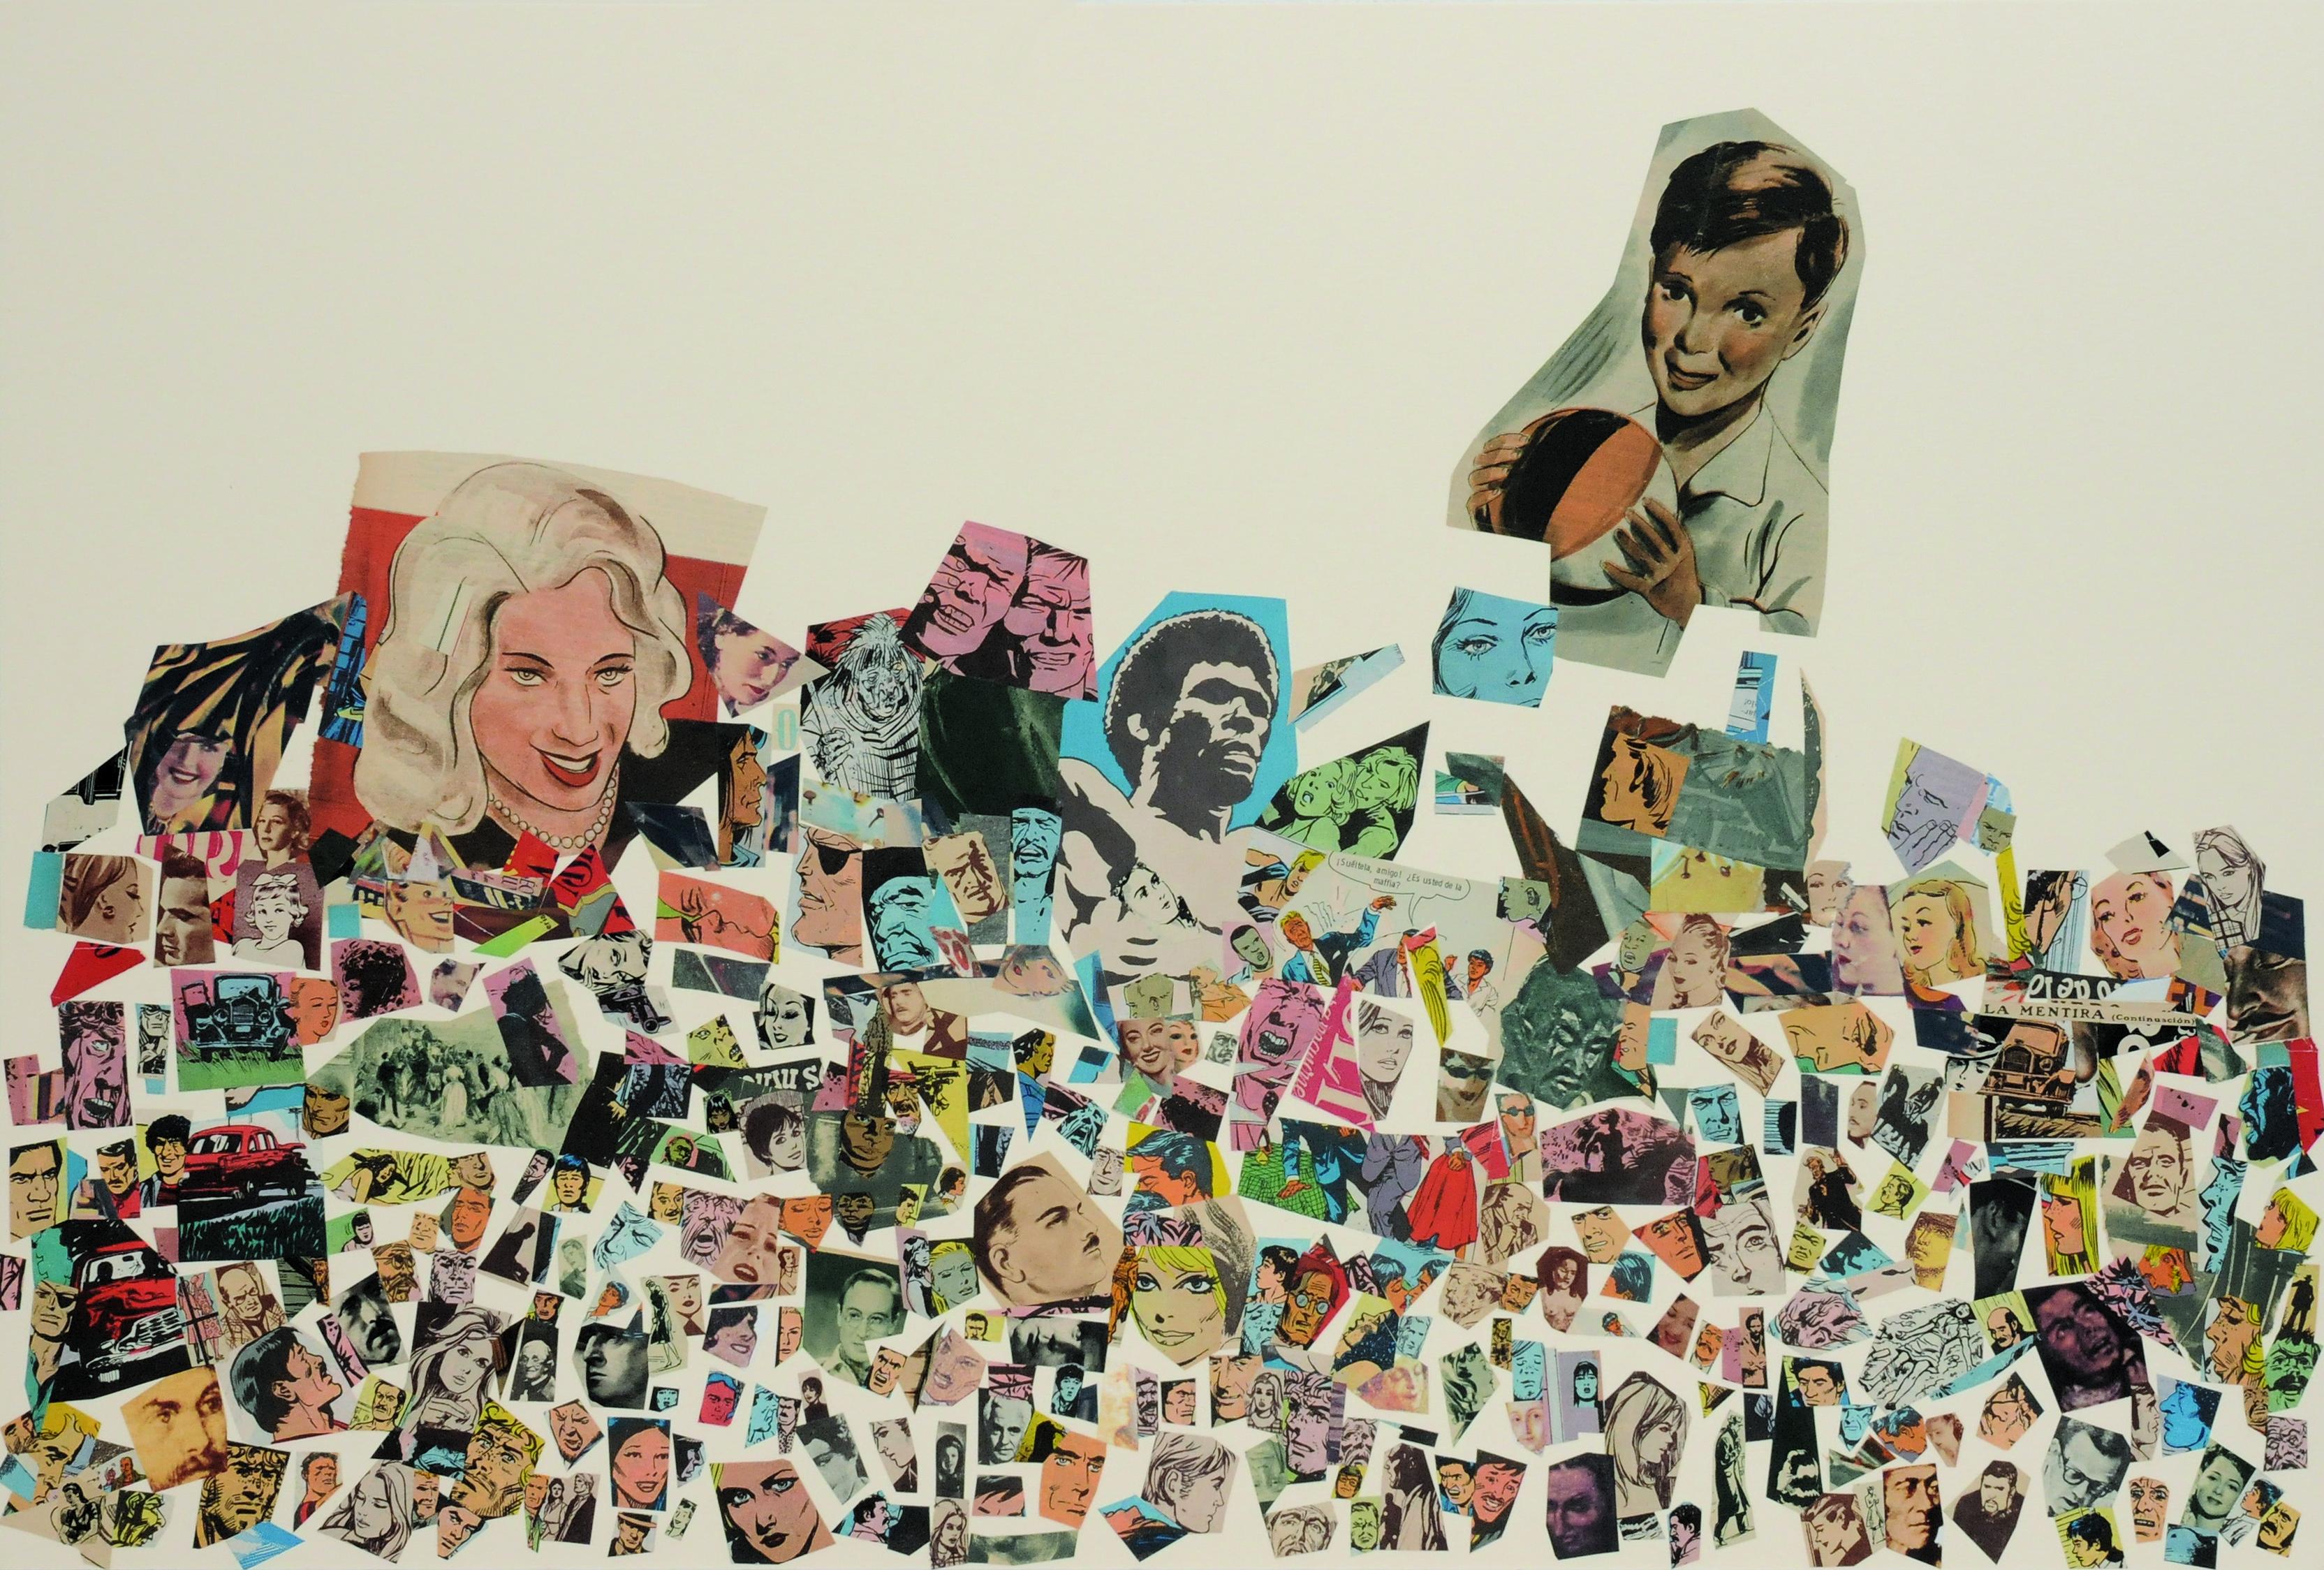 La mentira (continuación), papel collage, 51 cm x 76 cm. 2008